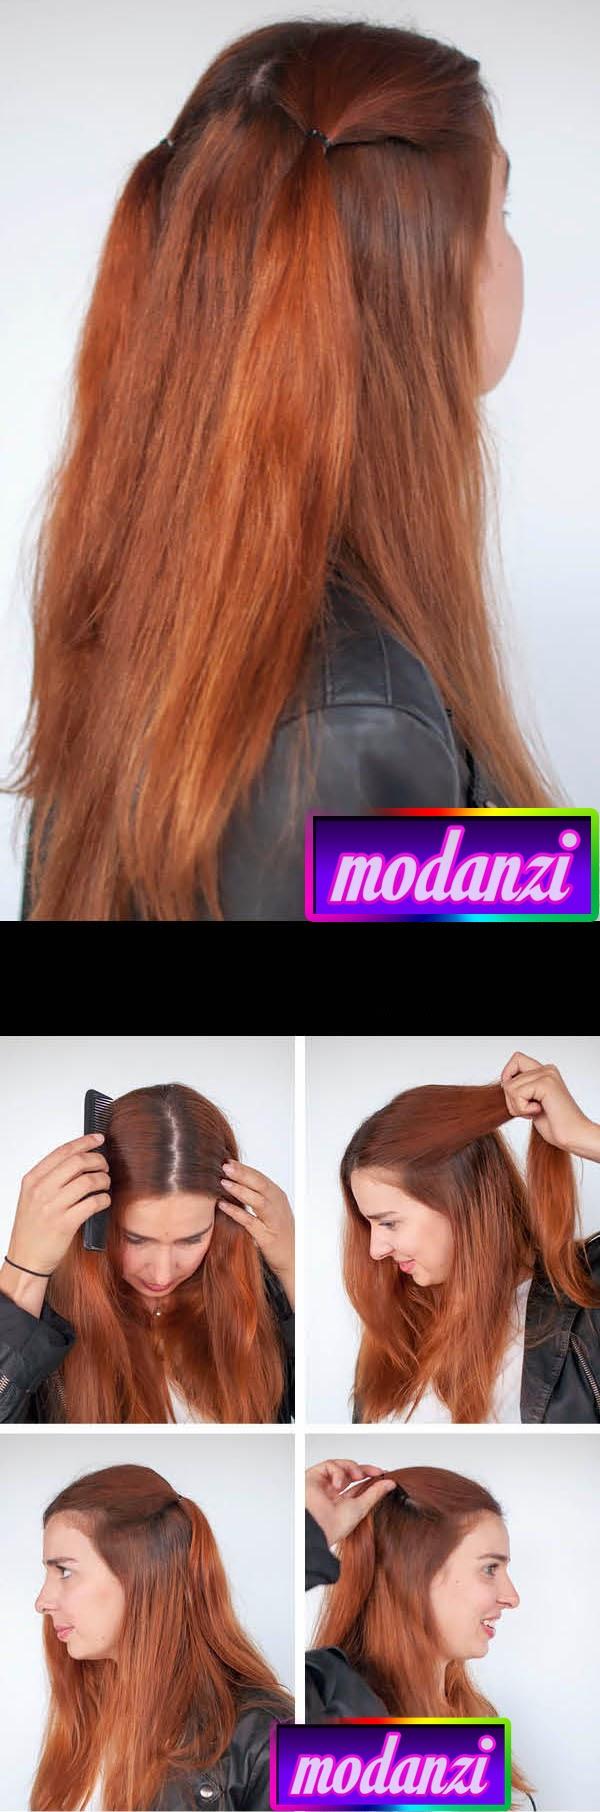 90 'lardan Bir Düz Saç Modeli ( Resimli Anlatım )